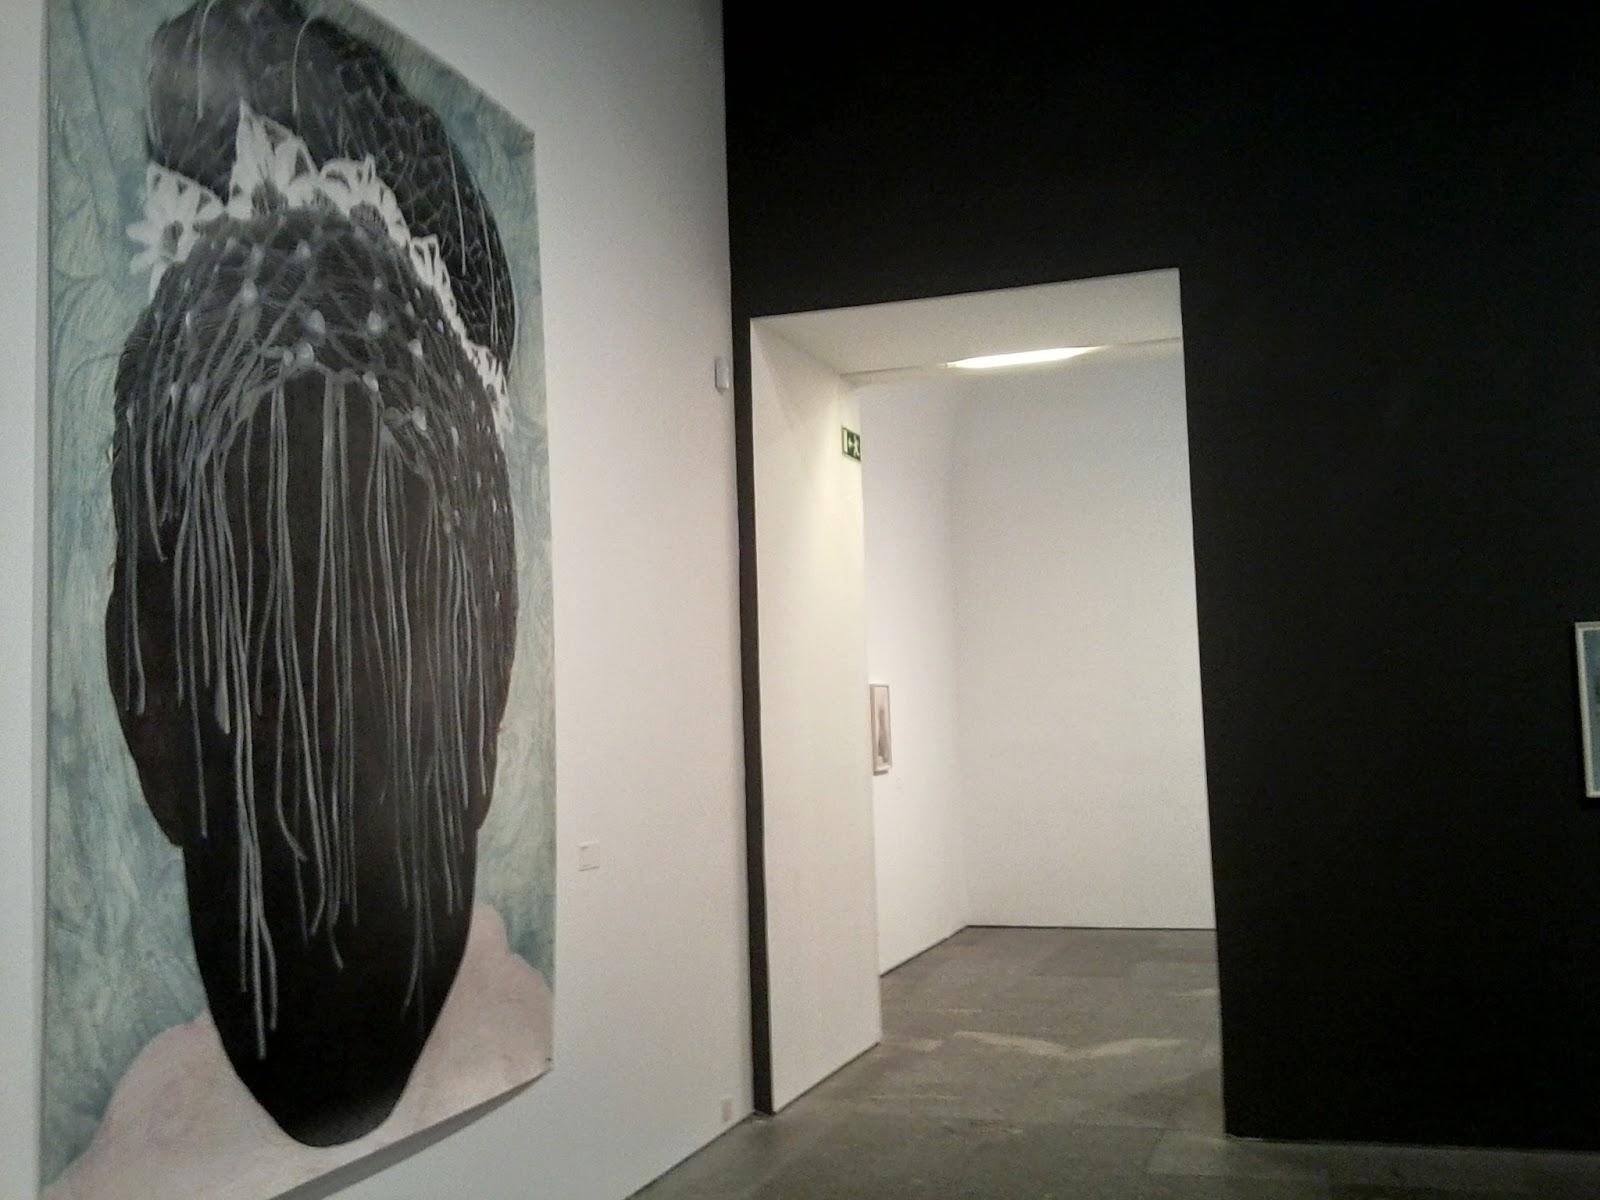 Elly Strik, Museo Reina Sofía, MNCARS, Fantasmas, Novias, y otros compañeros, Exposiciones, Madrid, Goya, Freud, Voa Gallery, Blog de arte, Arte contemporáneo, Yvonne Brochard